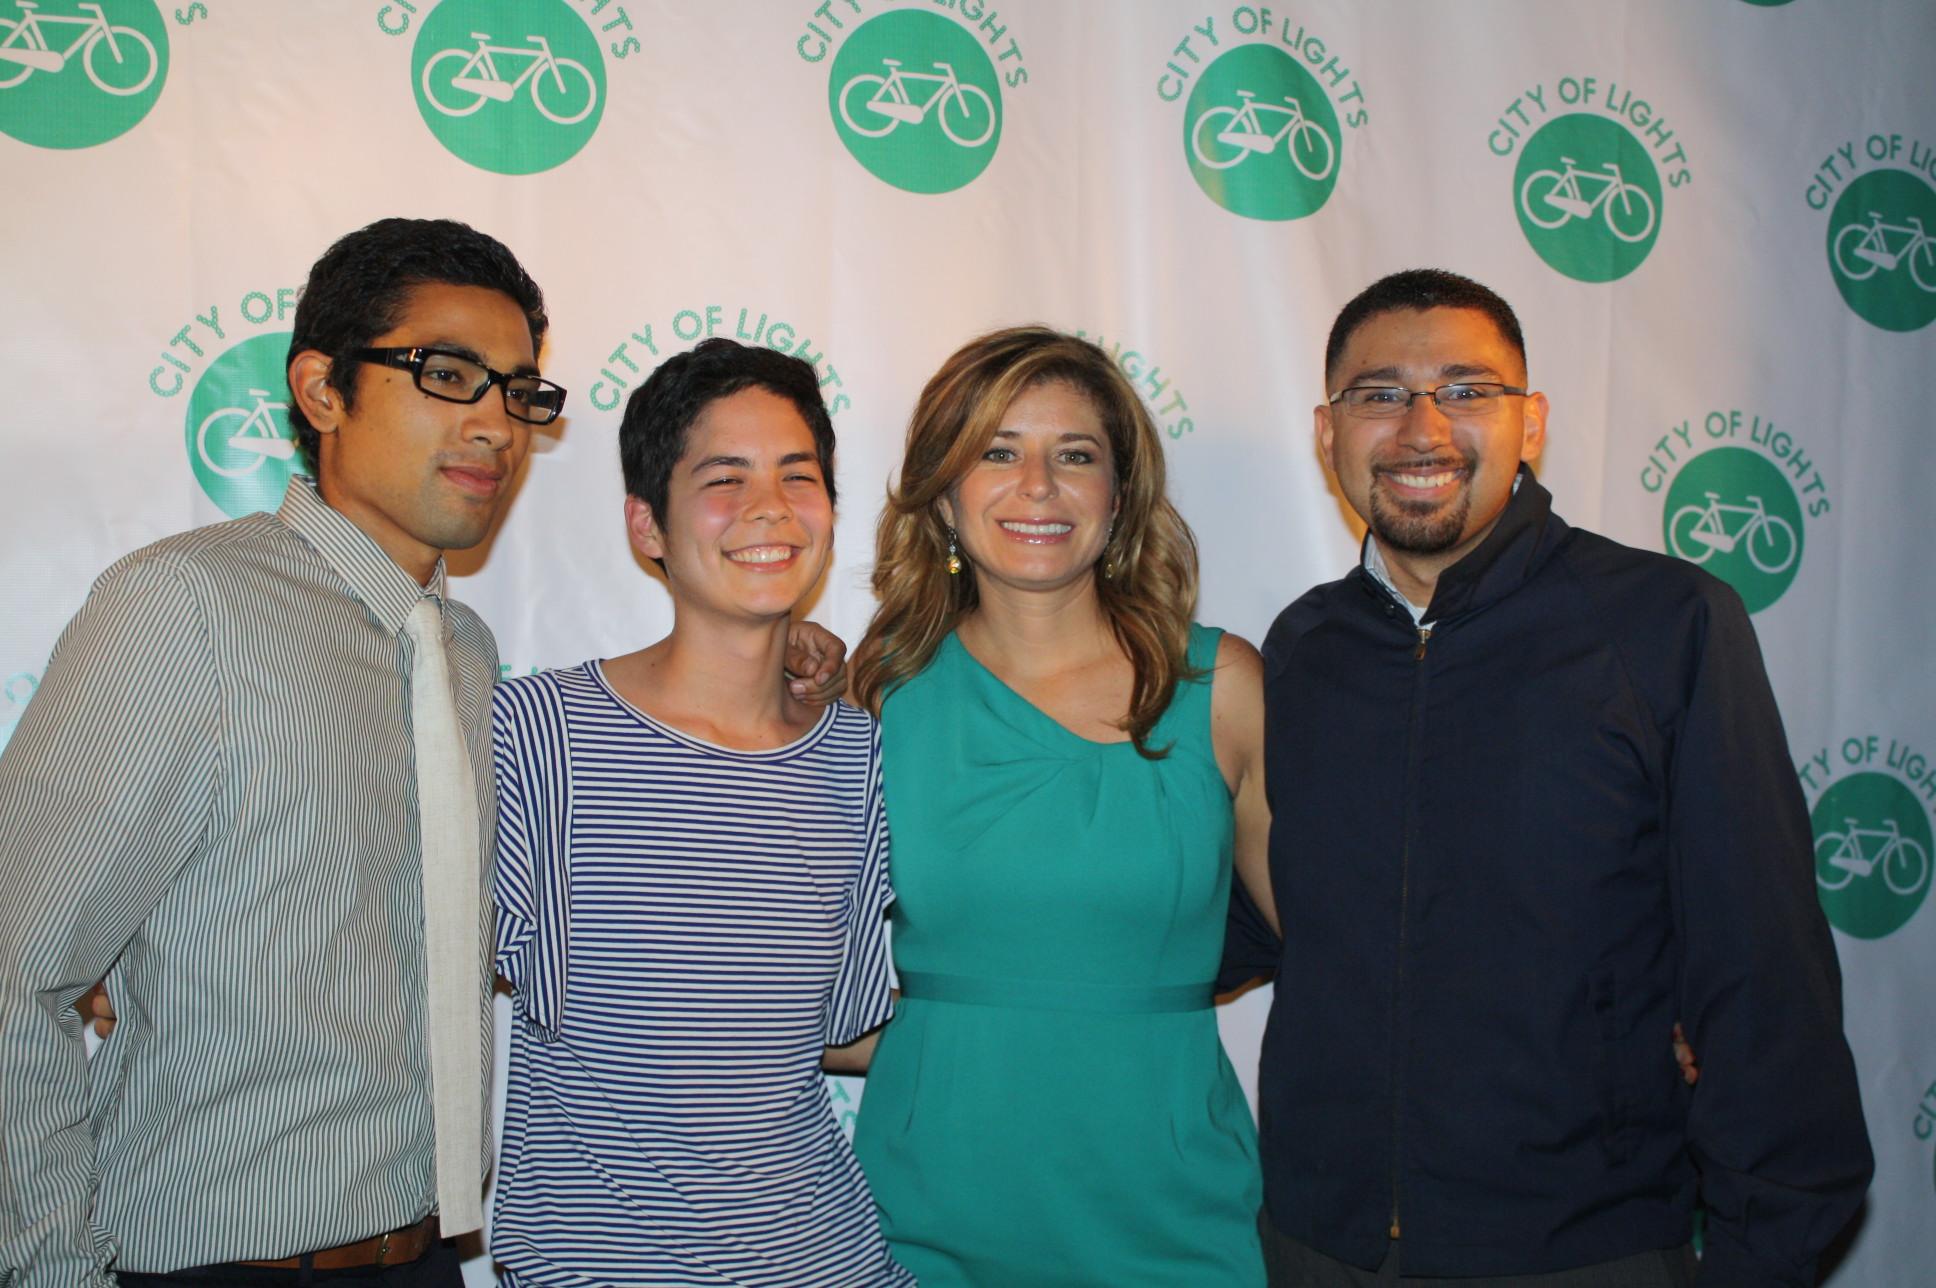 Superhéroes en bicicleta buscan un estilo de vida más saludable y equitativo en Los Angeles. (Foto Agustín Durán/El Pasajero)